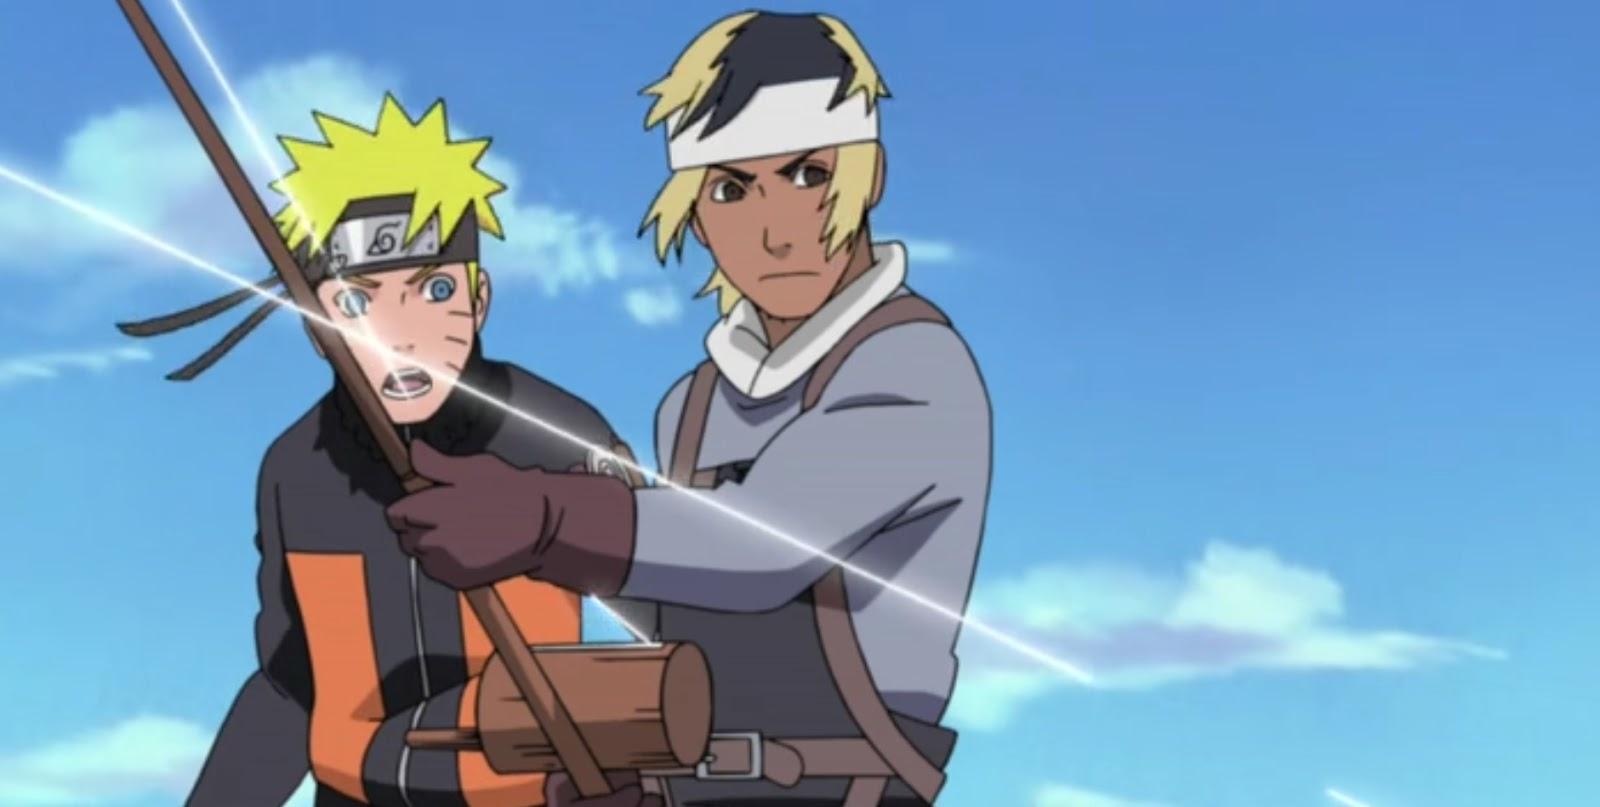 Naruto Shippuden Episódio 223, Assistir Naruto Shippuden Episódio 223, Assistir Naruto Shippuden Todos os Episódios Legendado, Naruto Shippuden episódio 223,HD